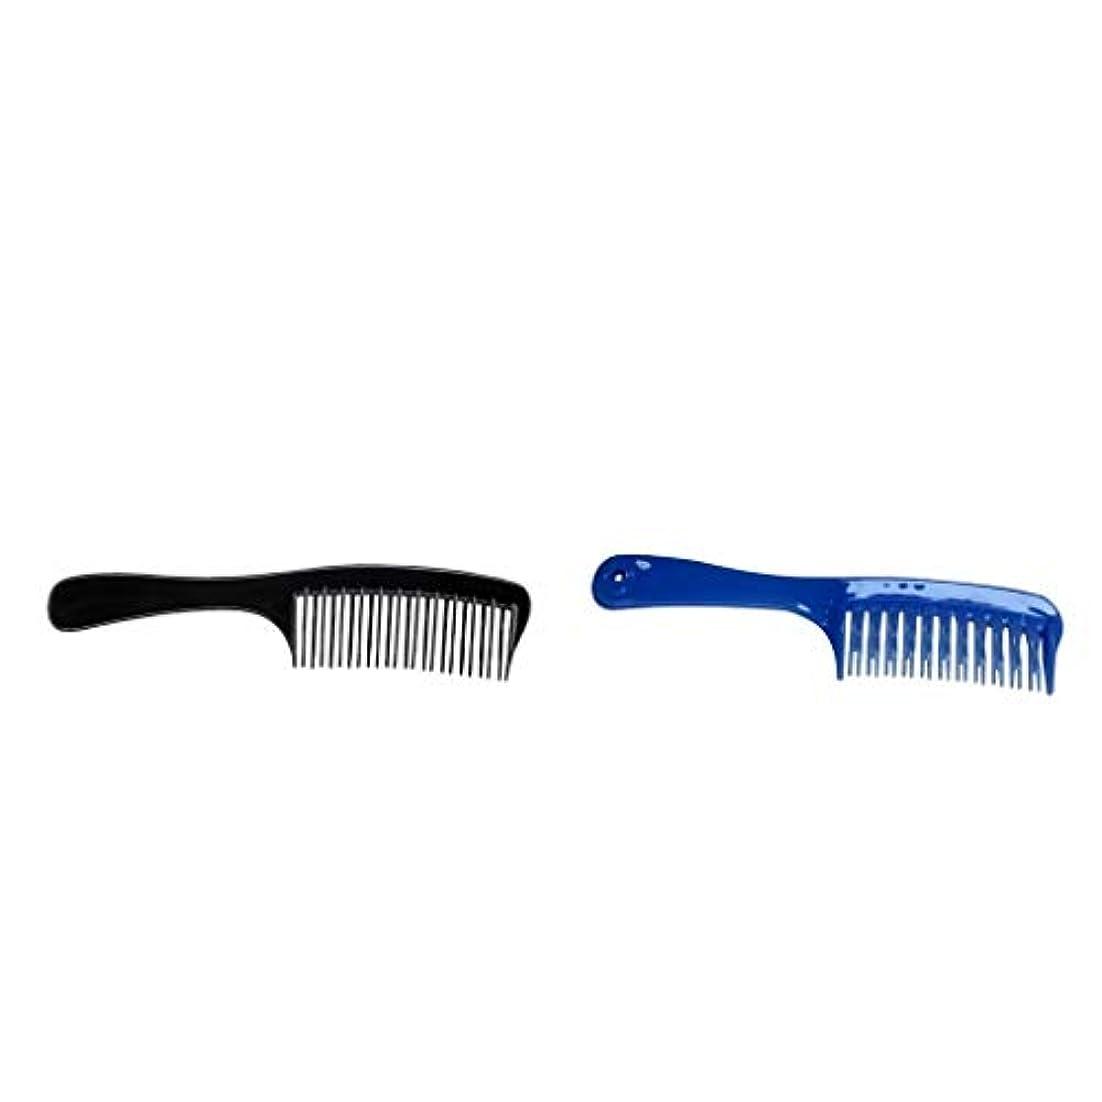 出口耕す不健全Toygogo 理髪店大きいDetanglerのもつれを解く毛の櫛、二重湾曲した歯の櫛様式、耐久のプラスチック、抵抗力がある漂白剤の色